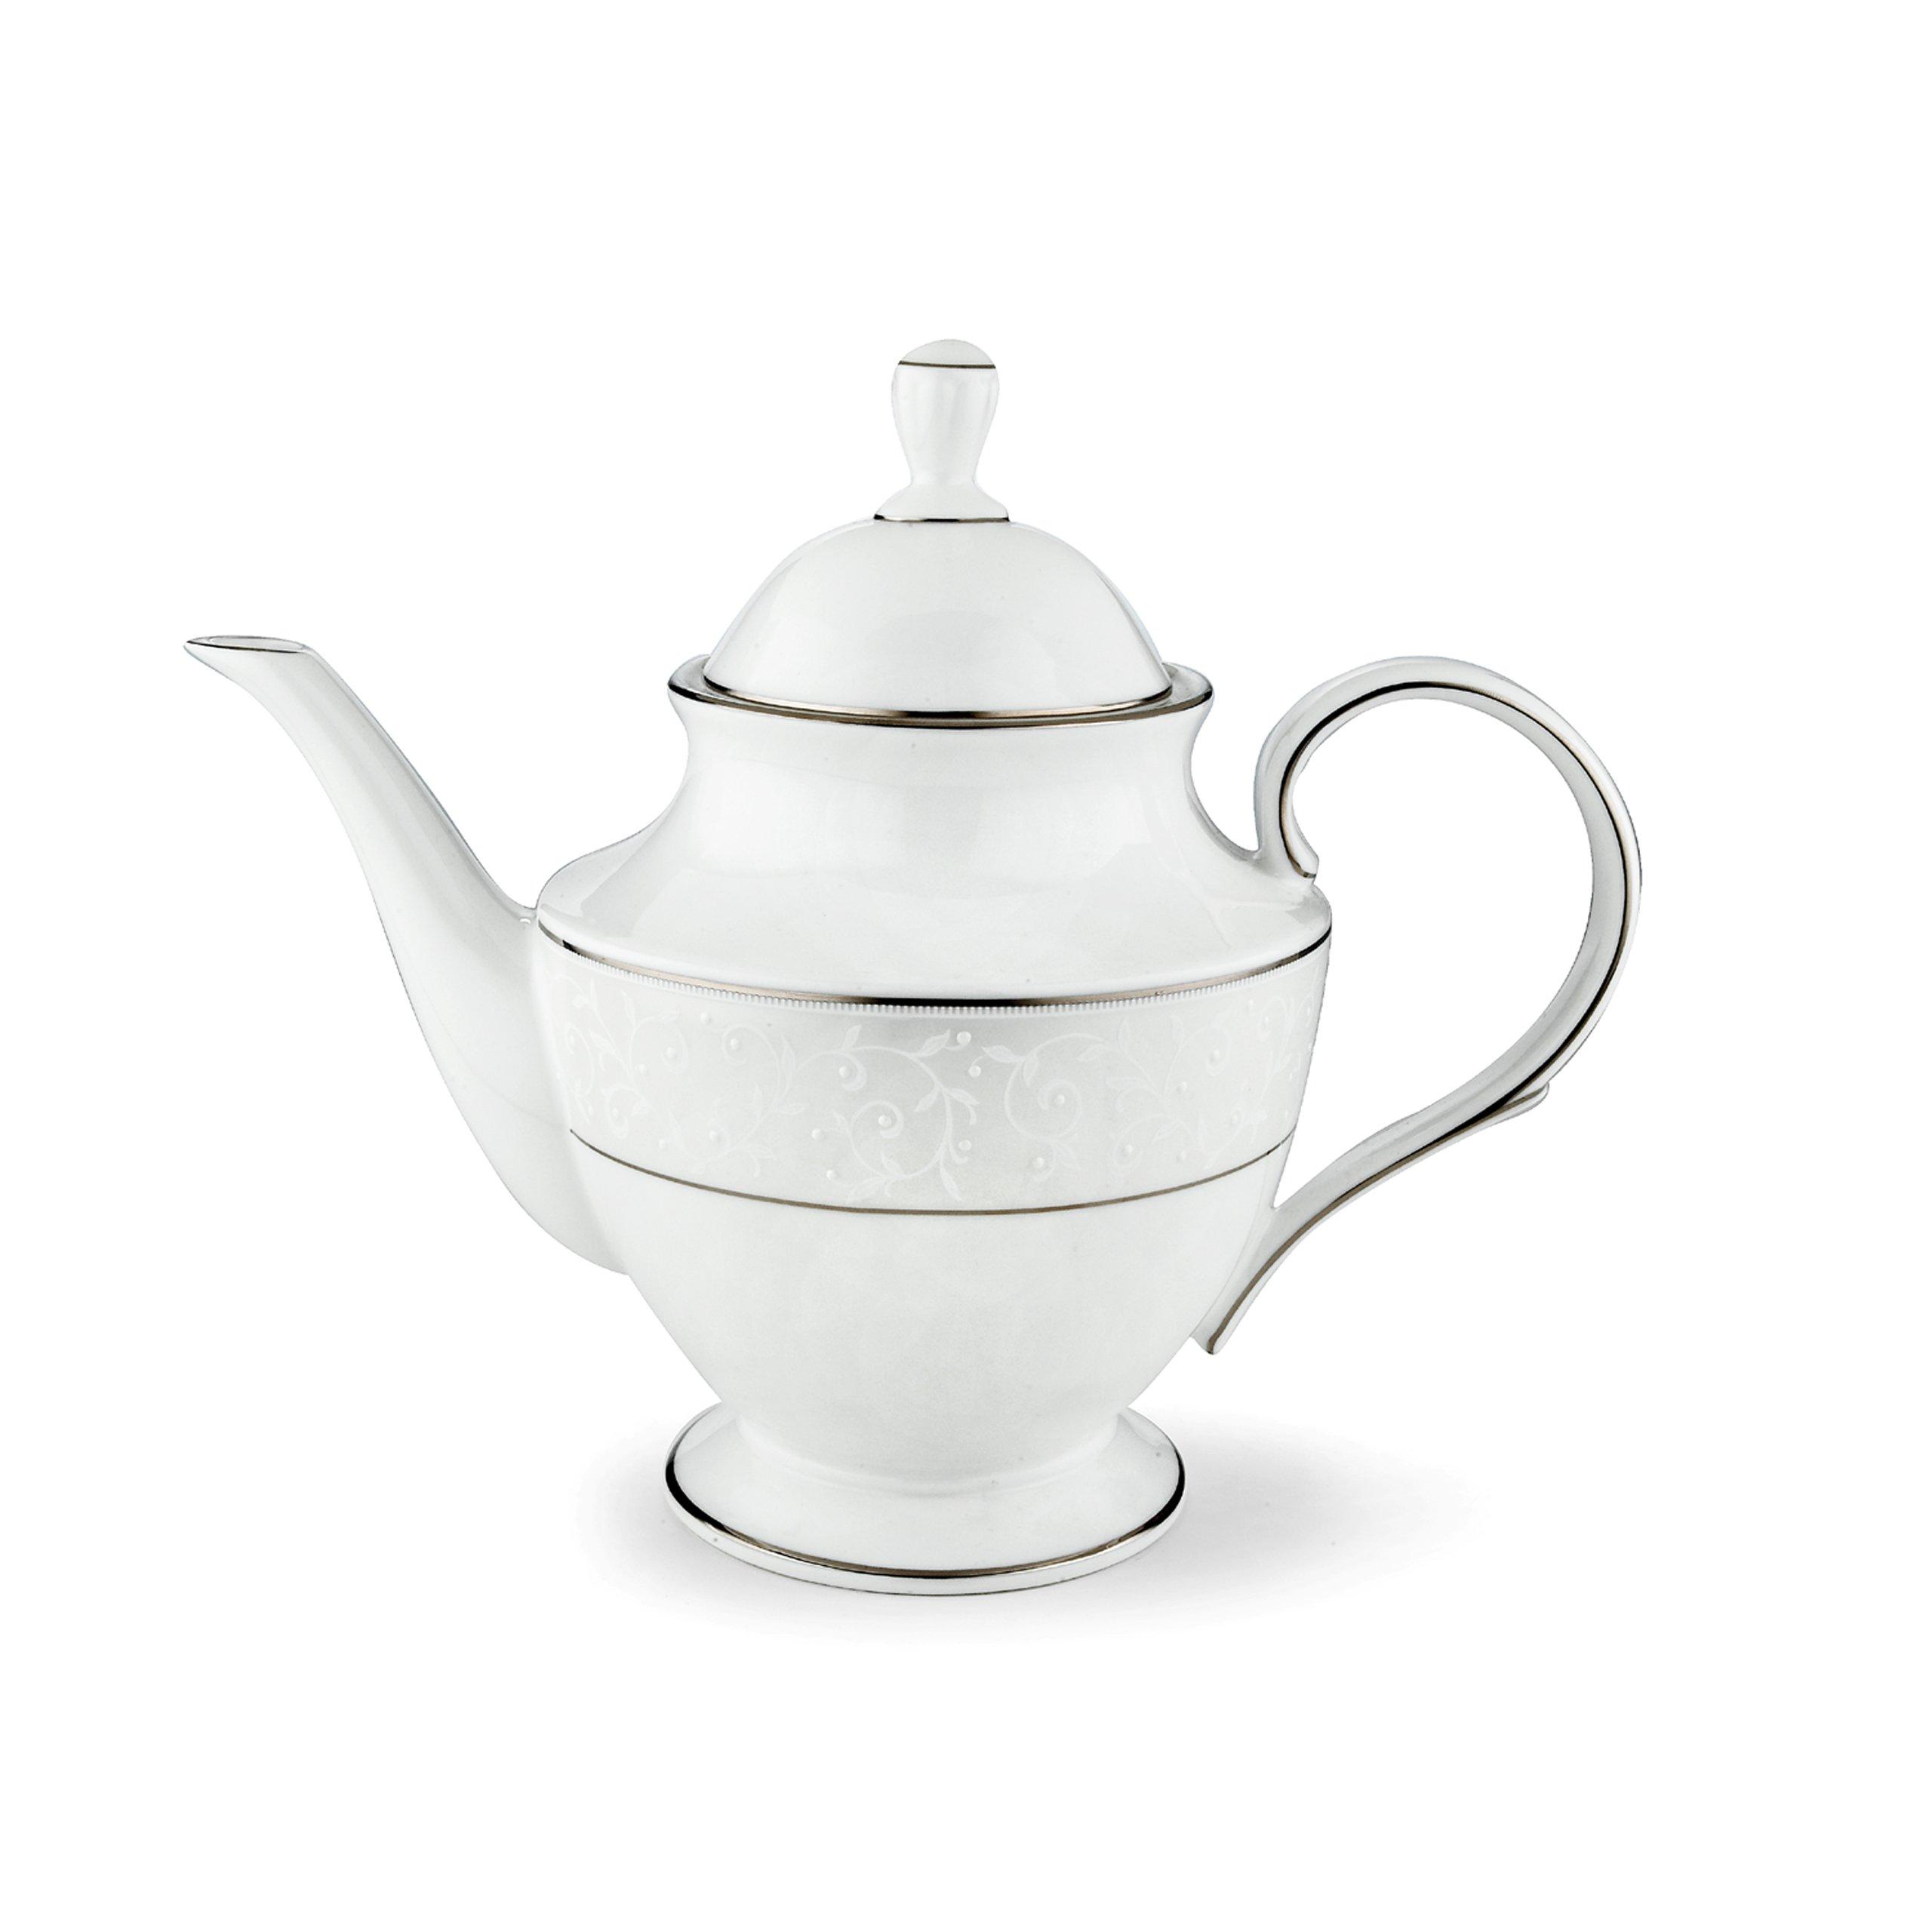 Lenox Opal Innocence Teapot by Lenox